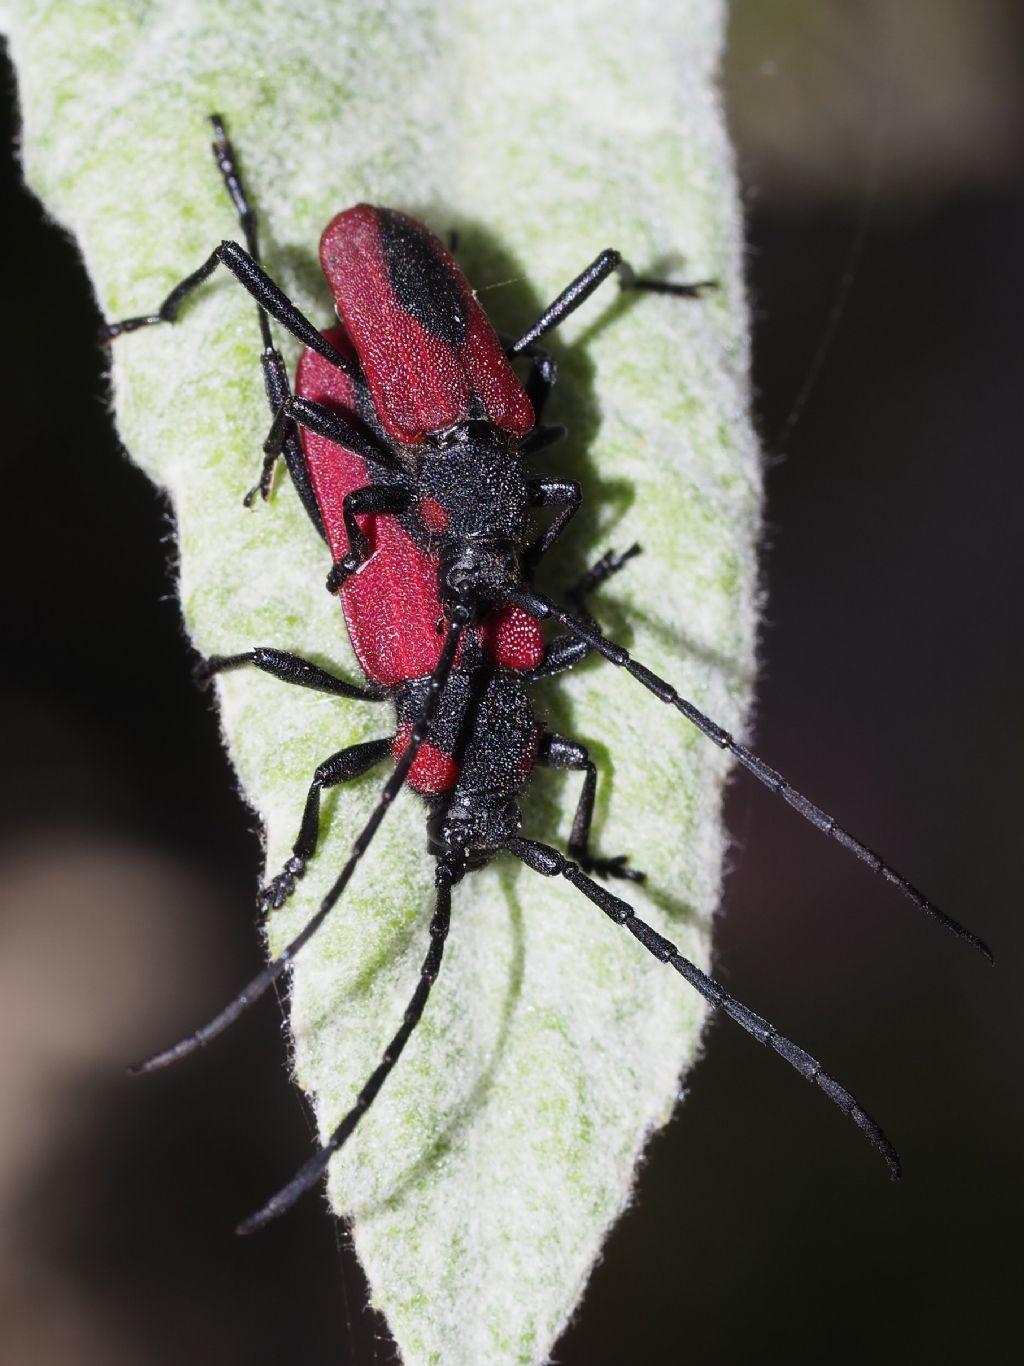 Cerambycidae: Purpuricenus kaehleri